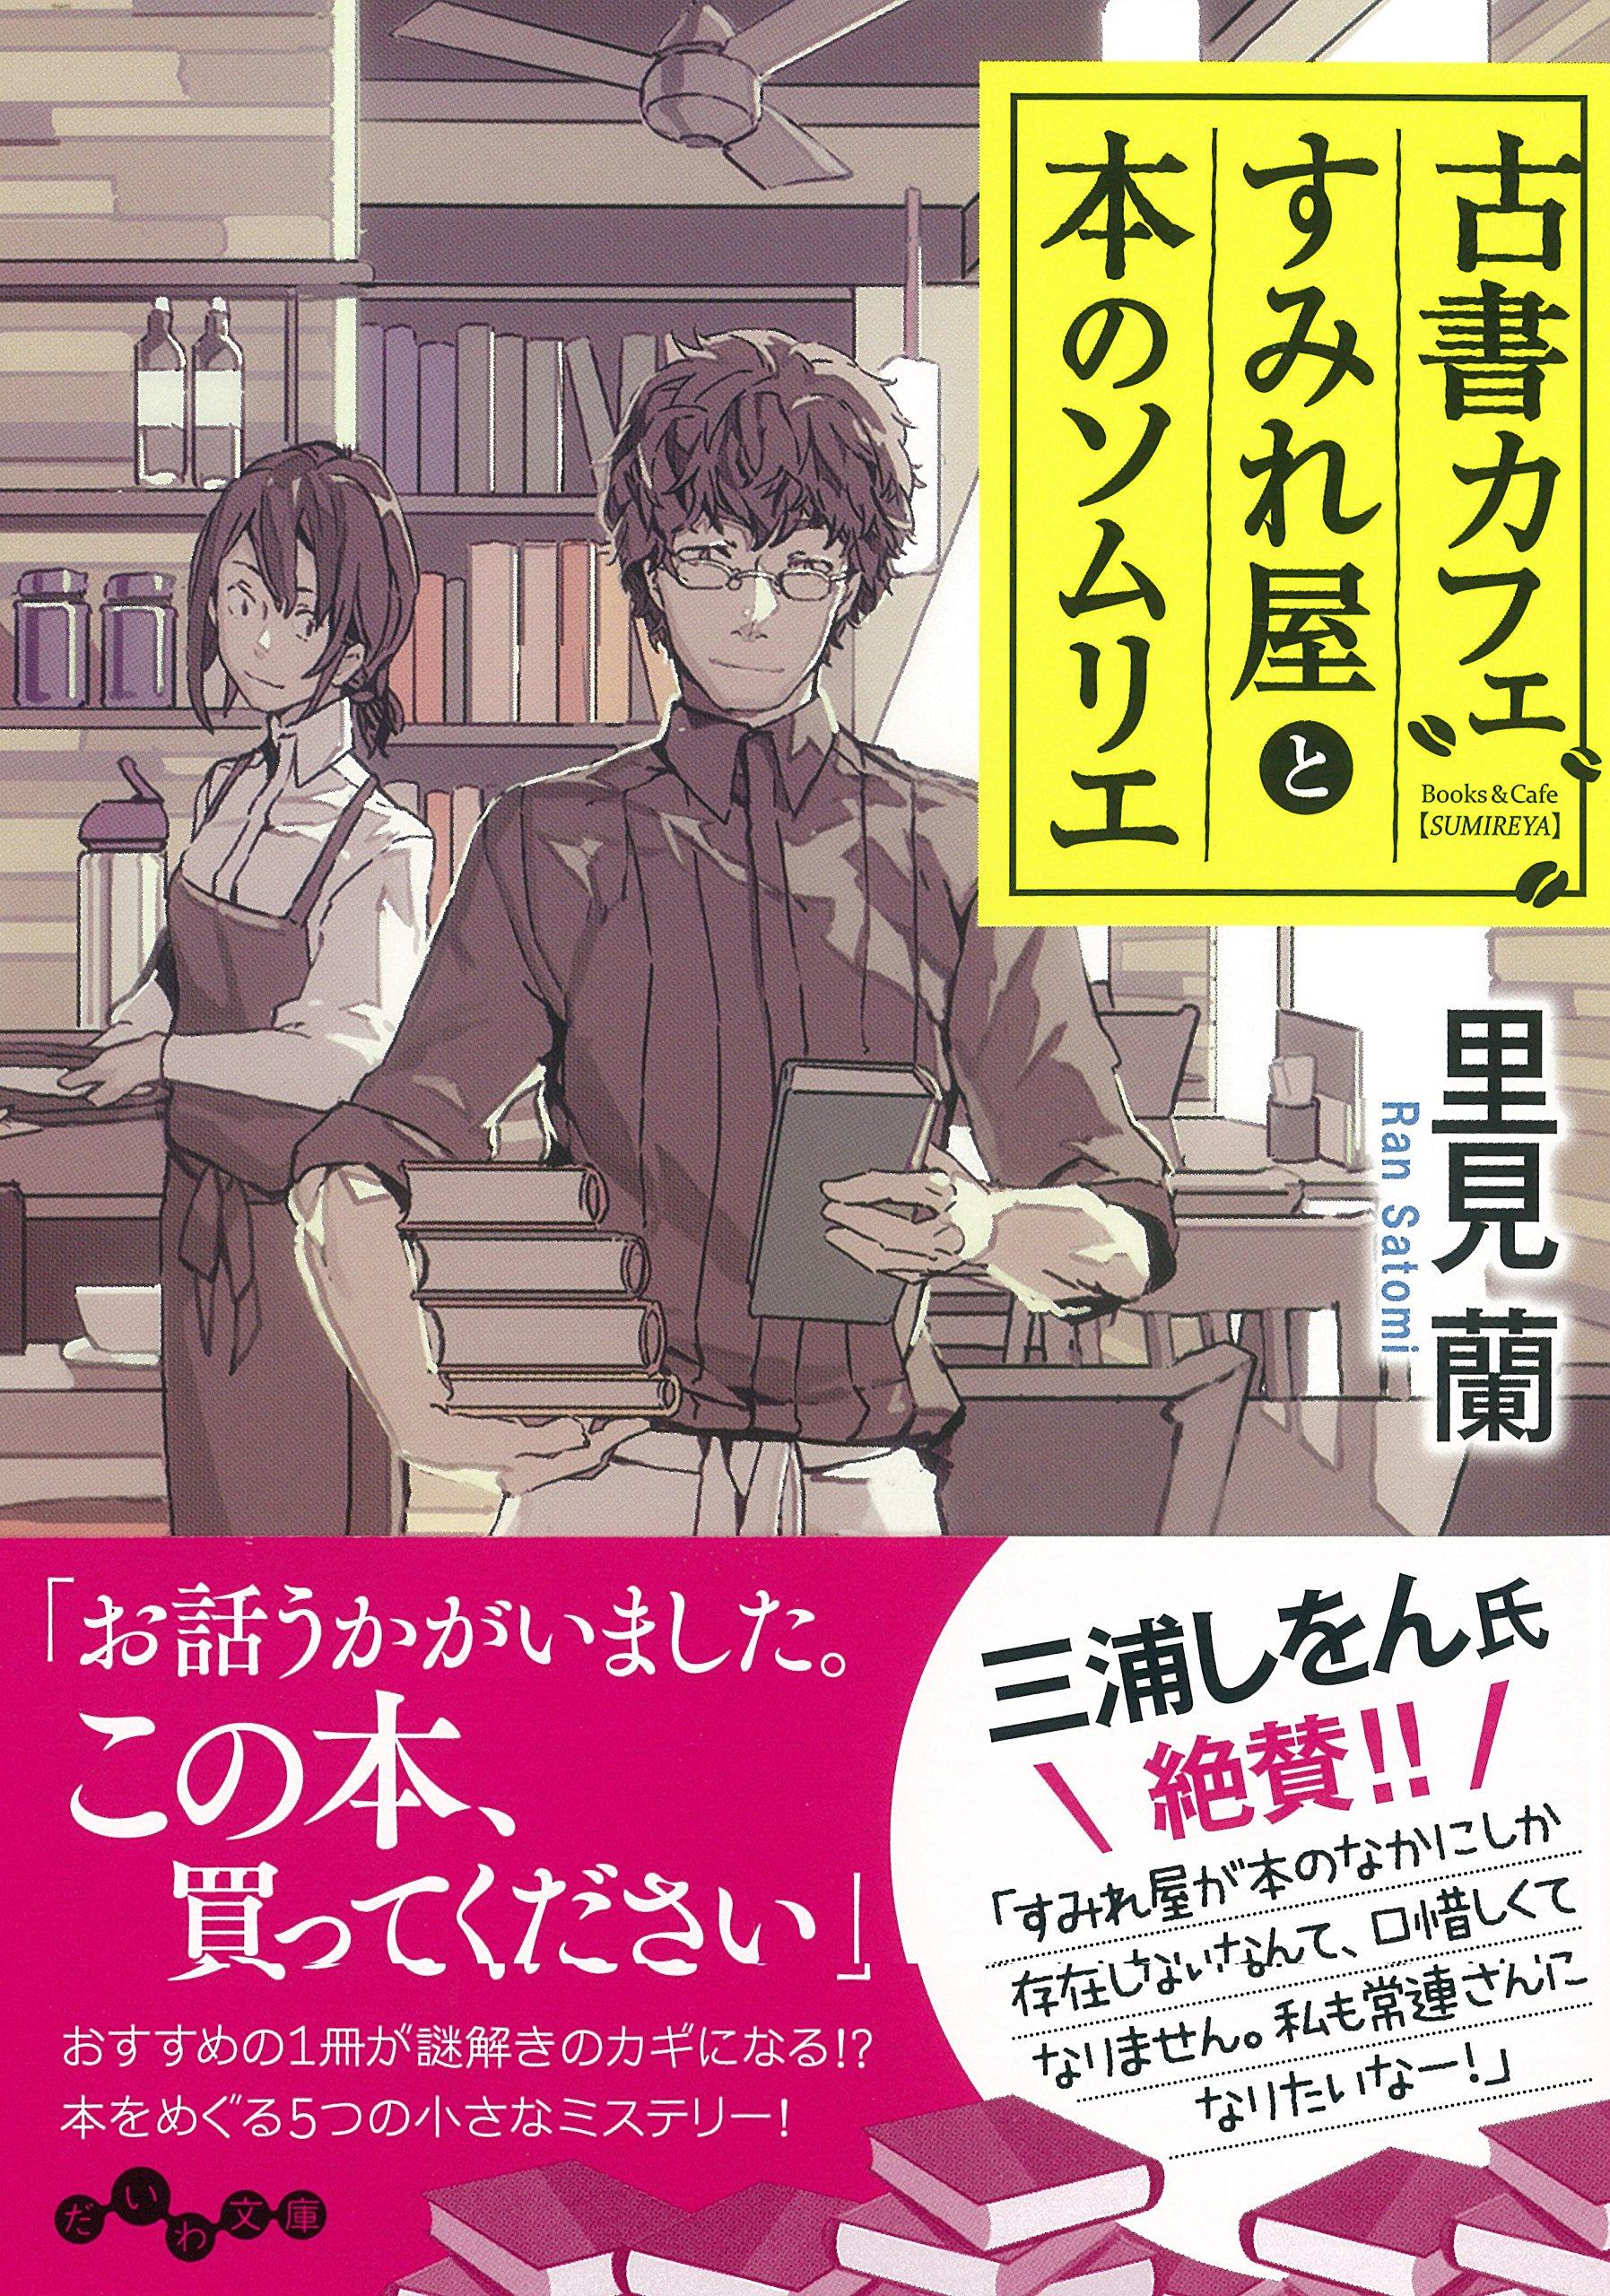 古書カフェすみれ屋と本のソムリ...